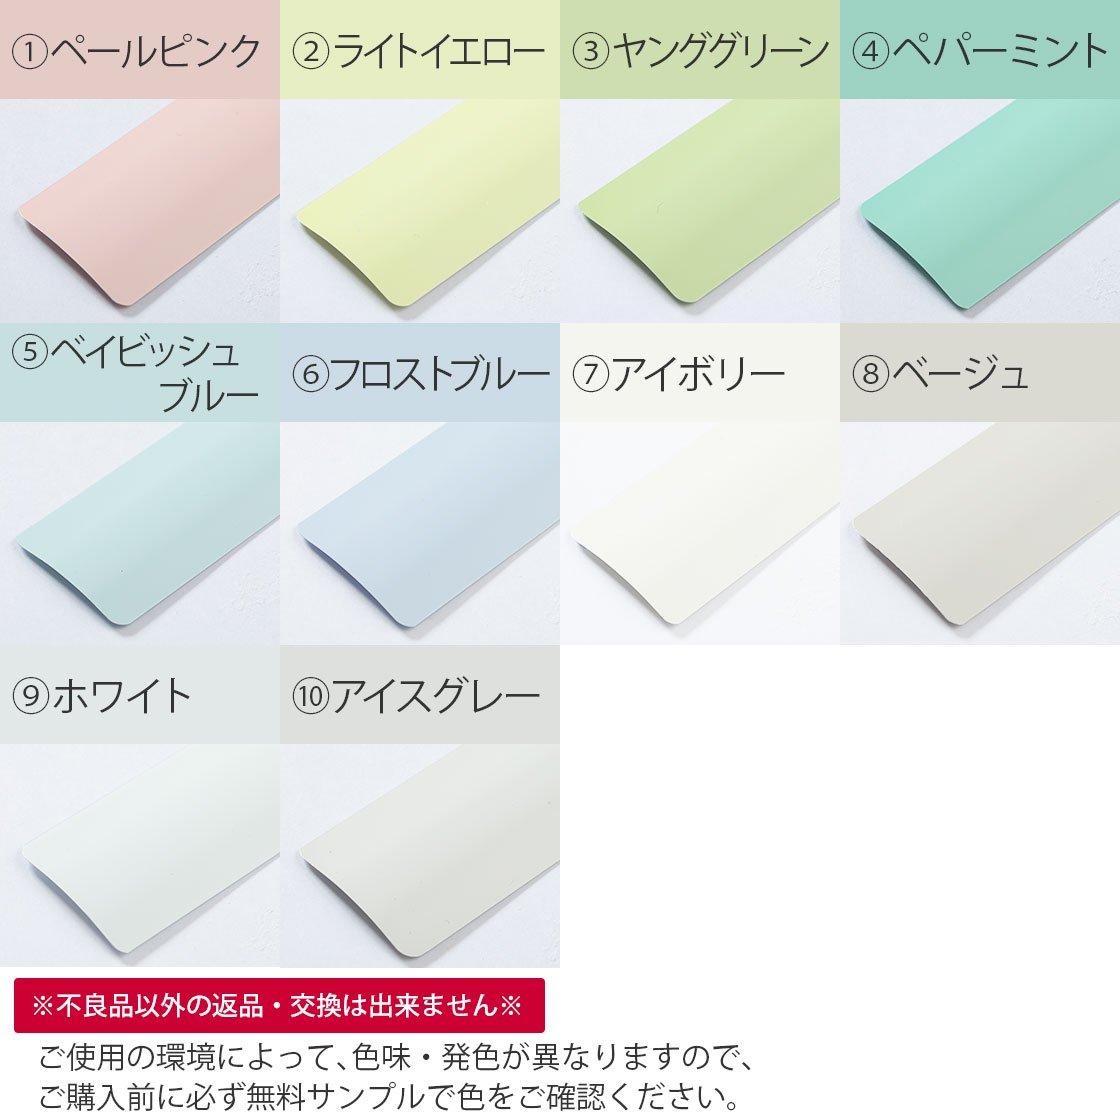 突っ張り式で穴あけ不要!日本製オーダーアルミブラインド 『パティオ 浴室タイプ フッ素コート』